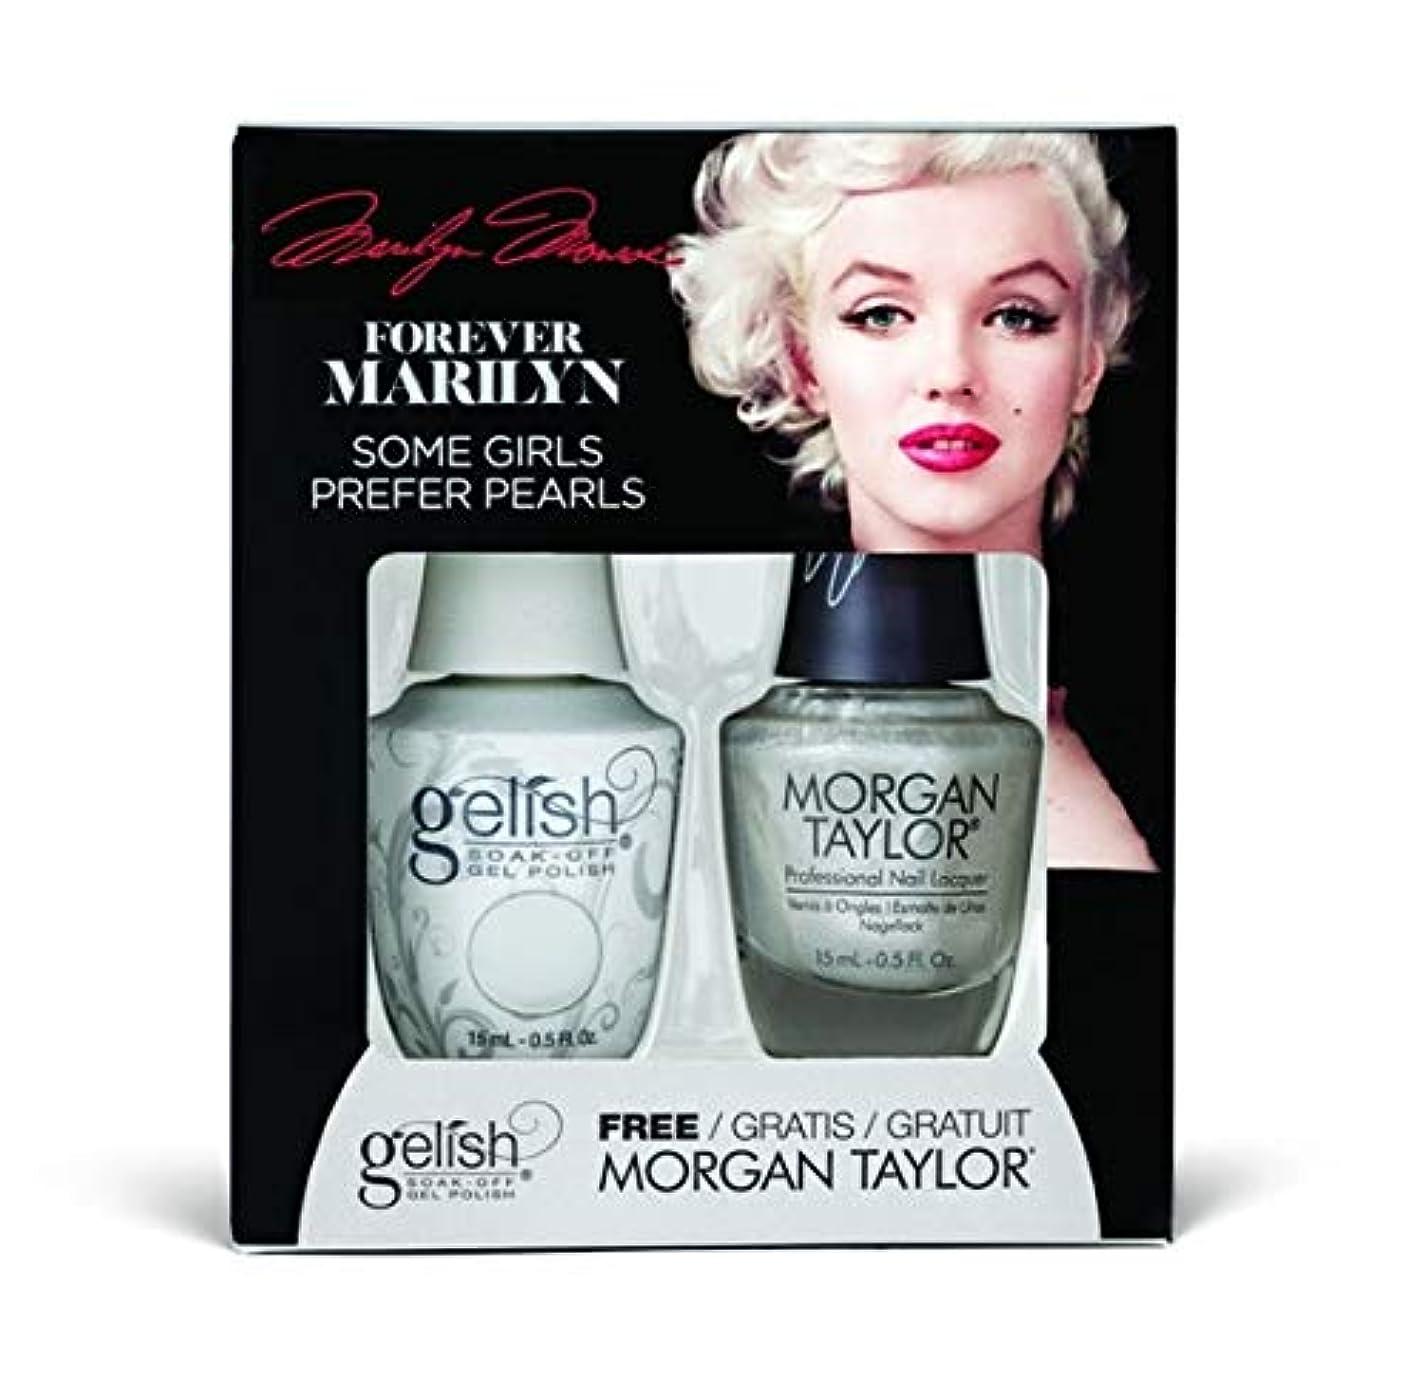 探偵ラウズ簡略化するHarmony Gelish - Two of a Kind - Forever Marilyn Fall 2019 Collection - Some Girls Prefer Pearls - 15ml / 0.5oz